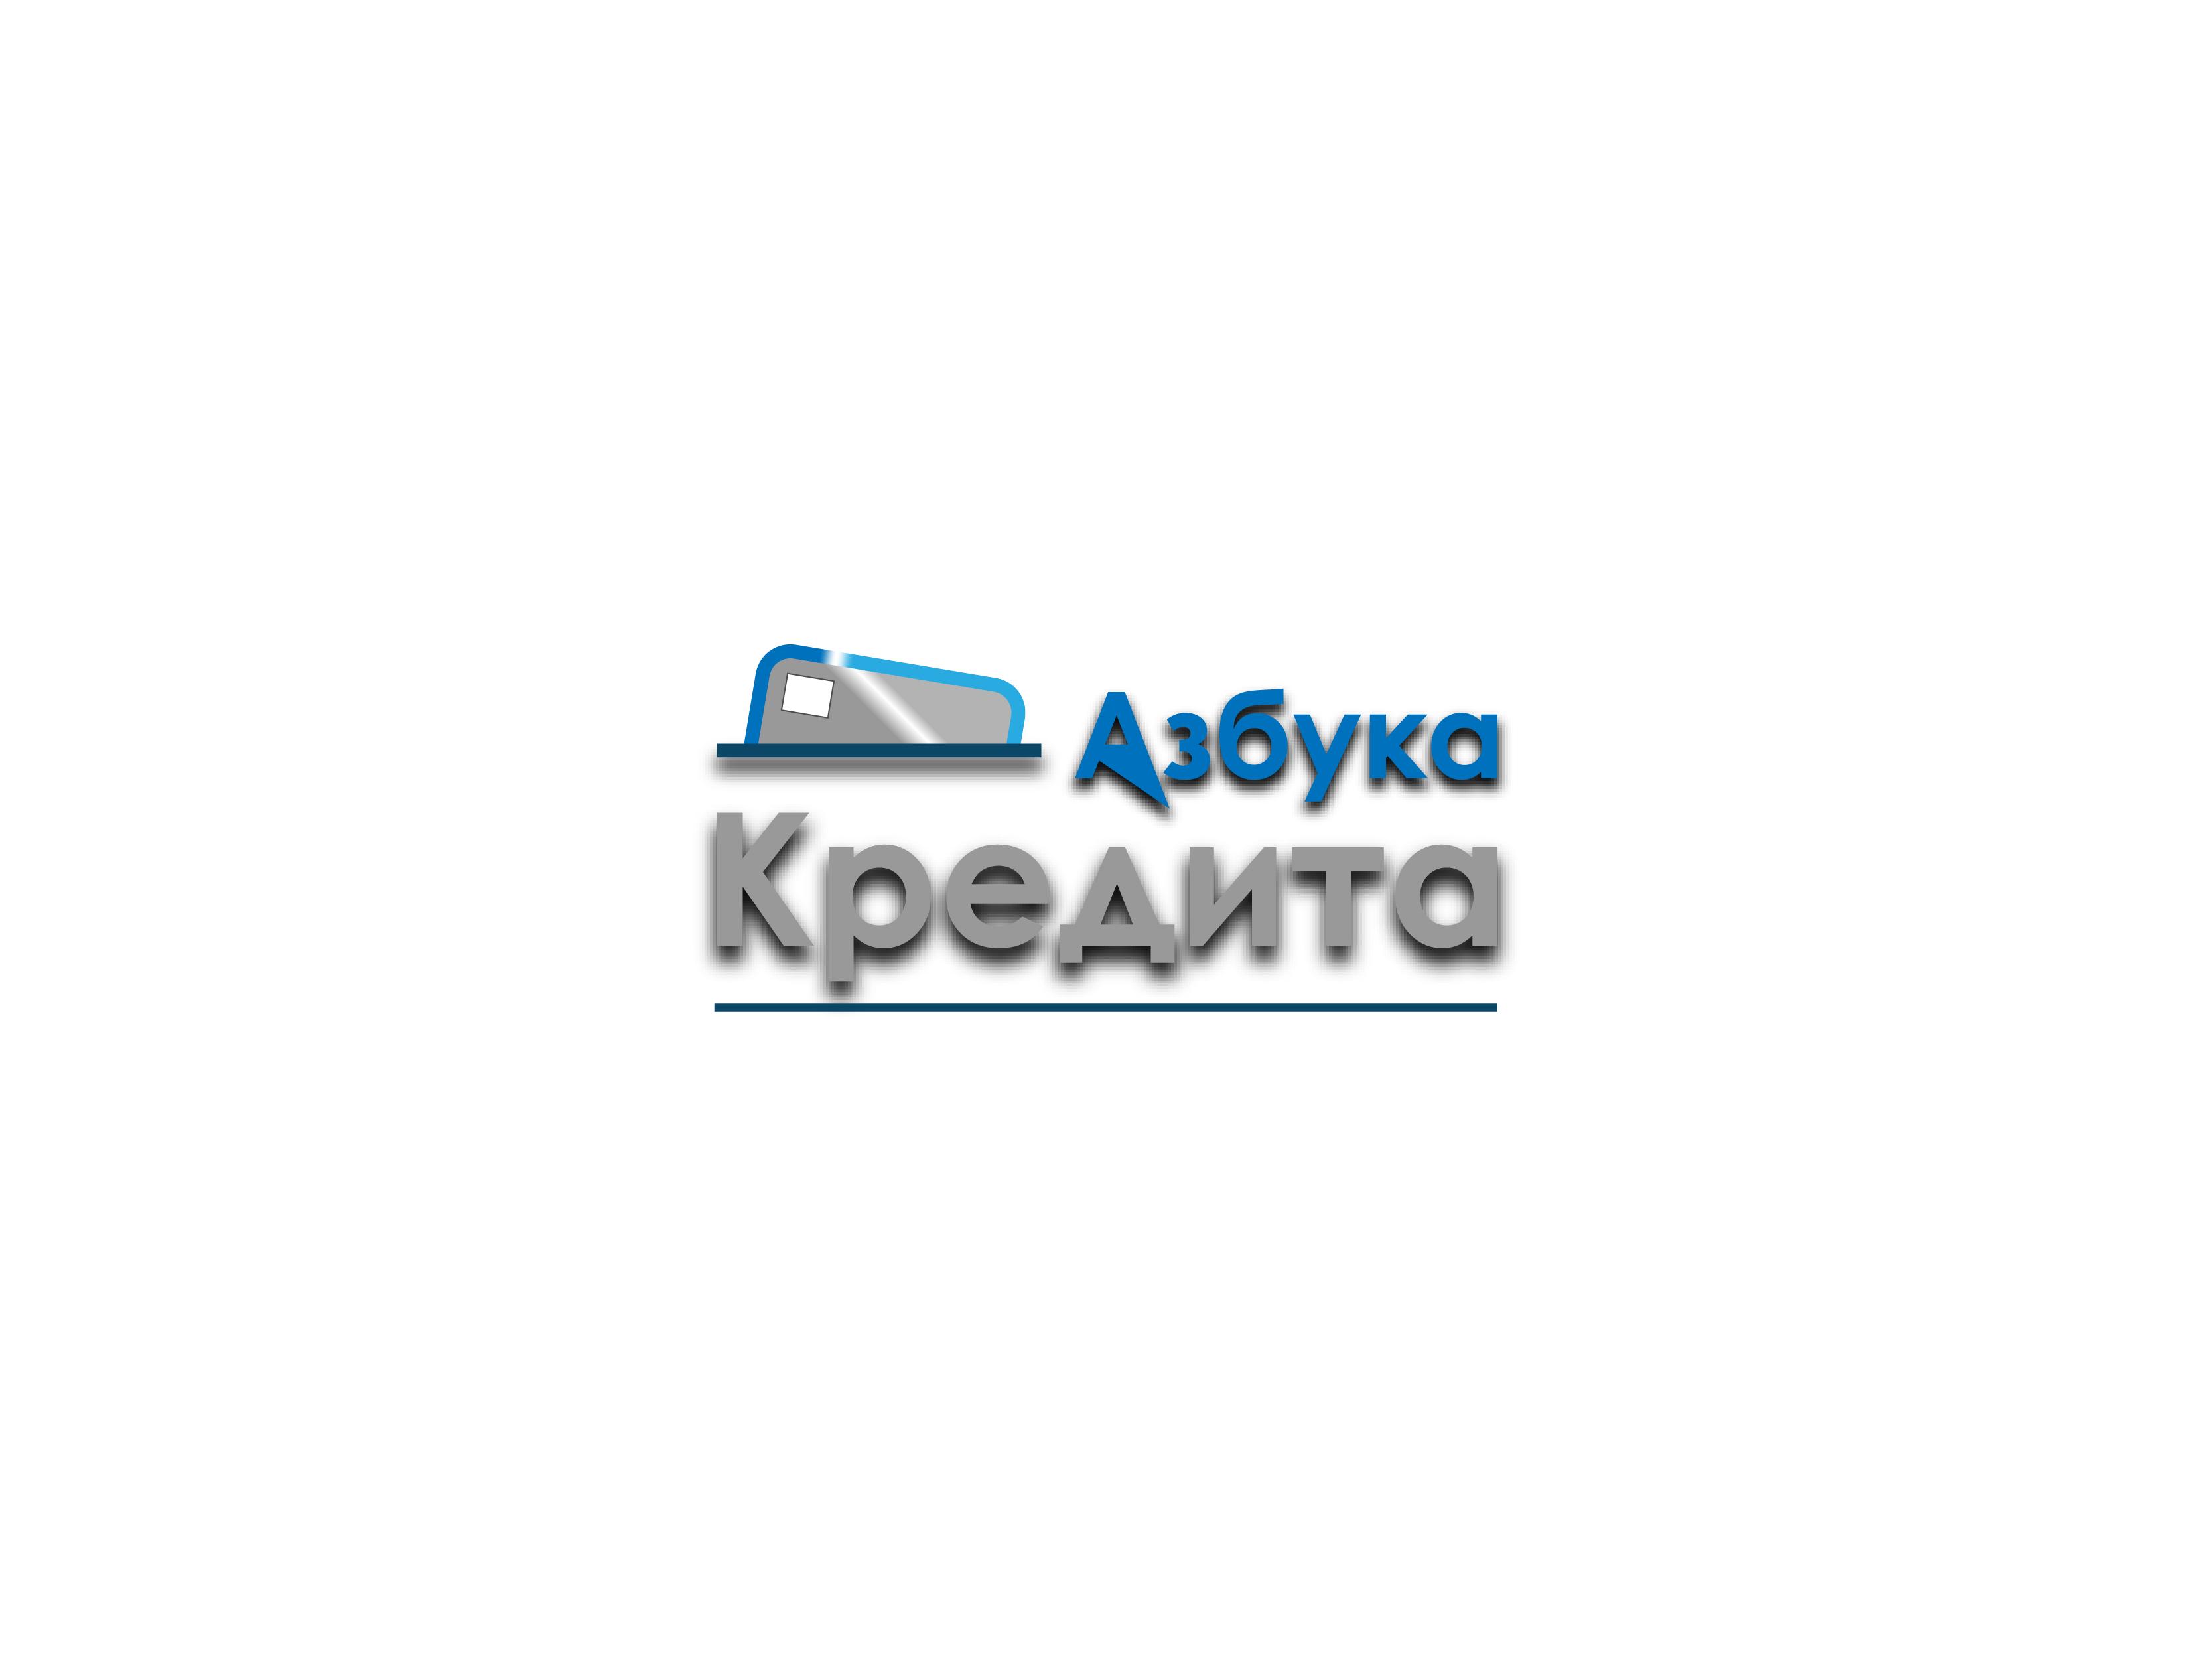 Разработать логотип для финансовой компании фото f_9455de3d92d8563e.png